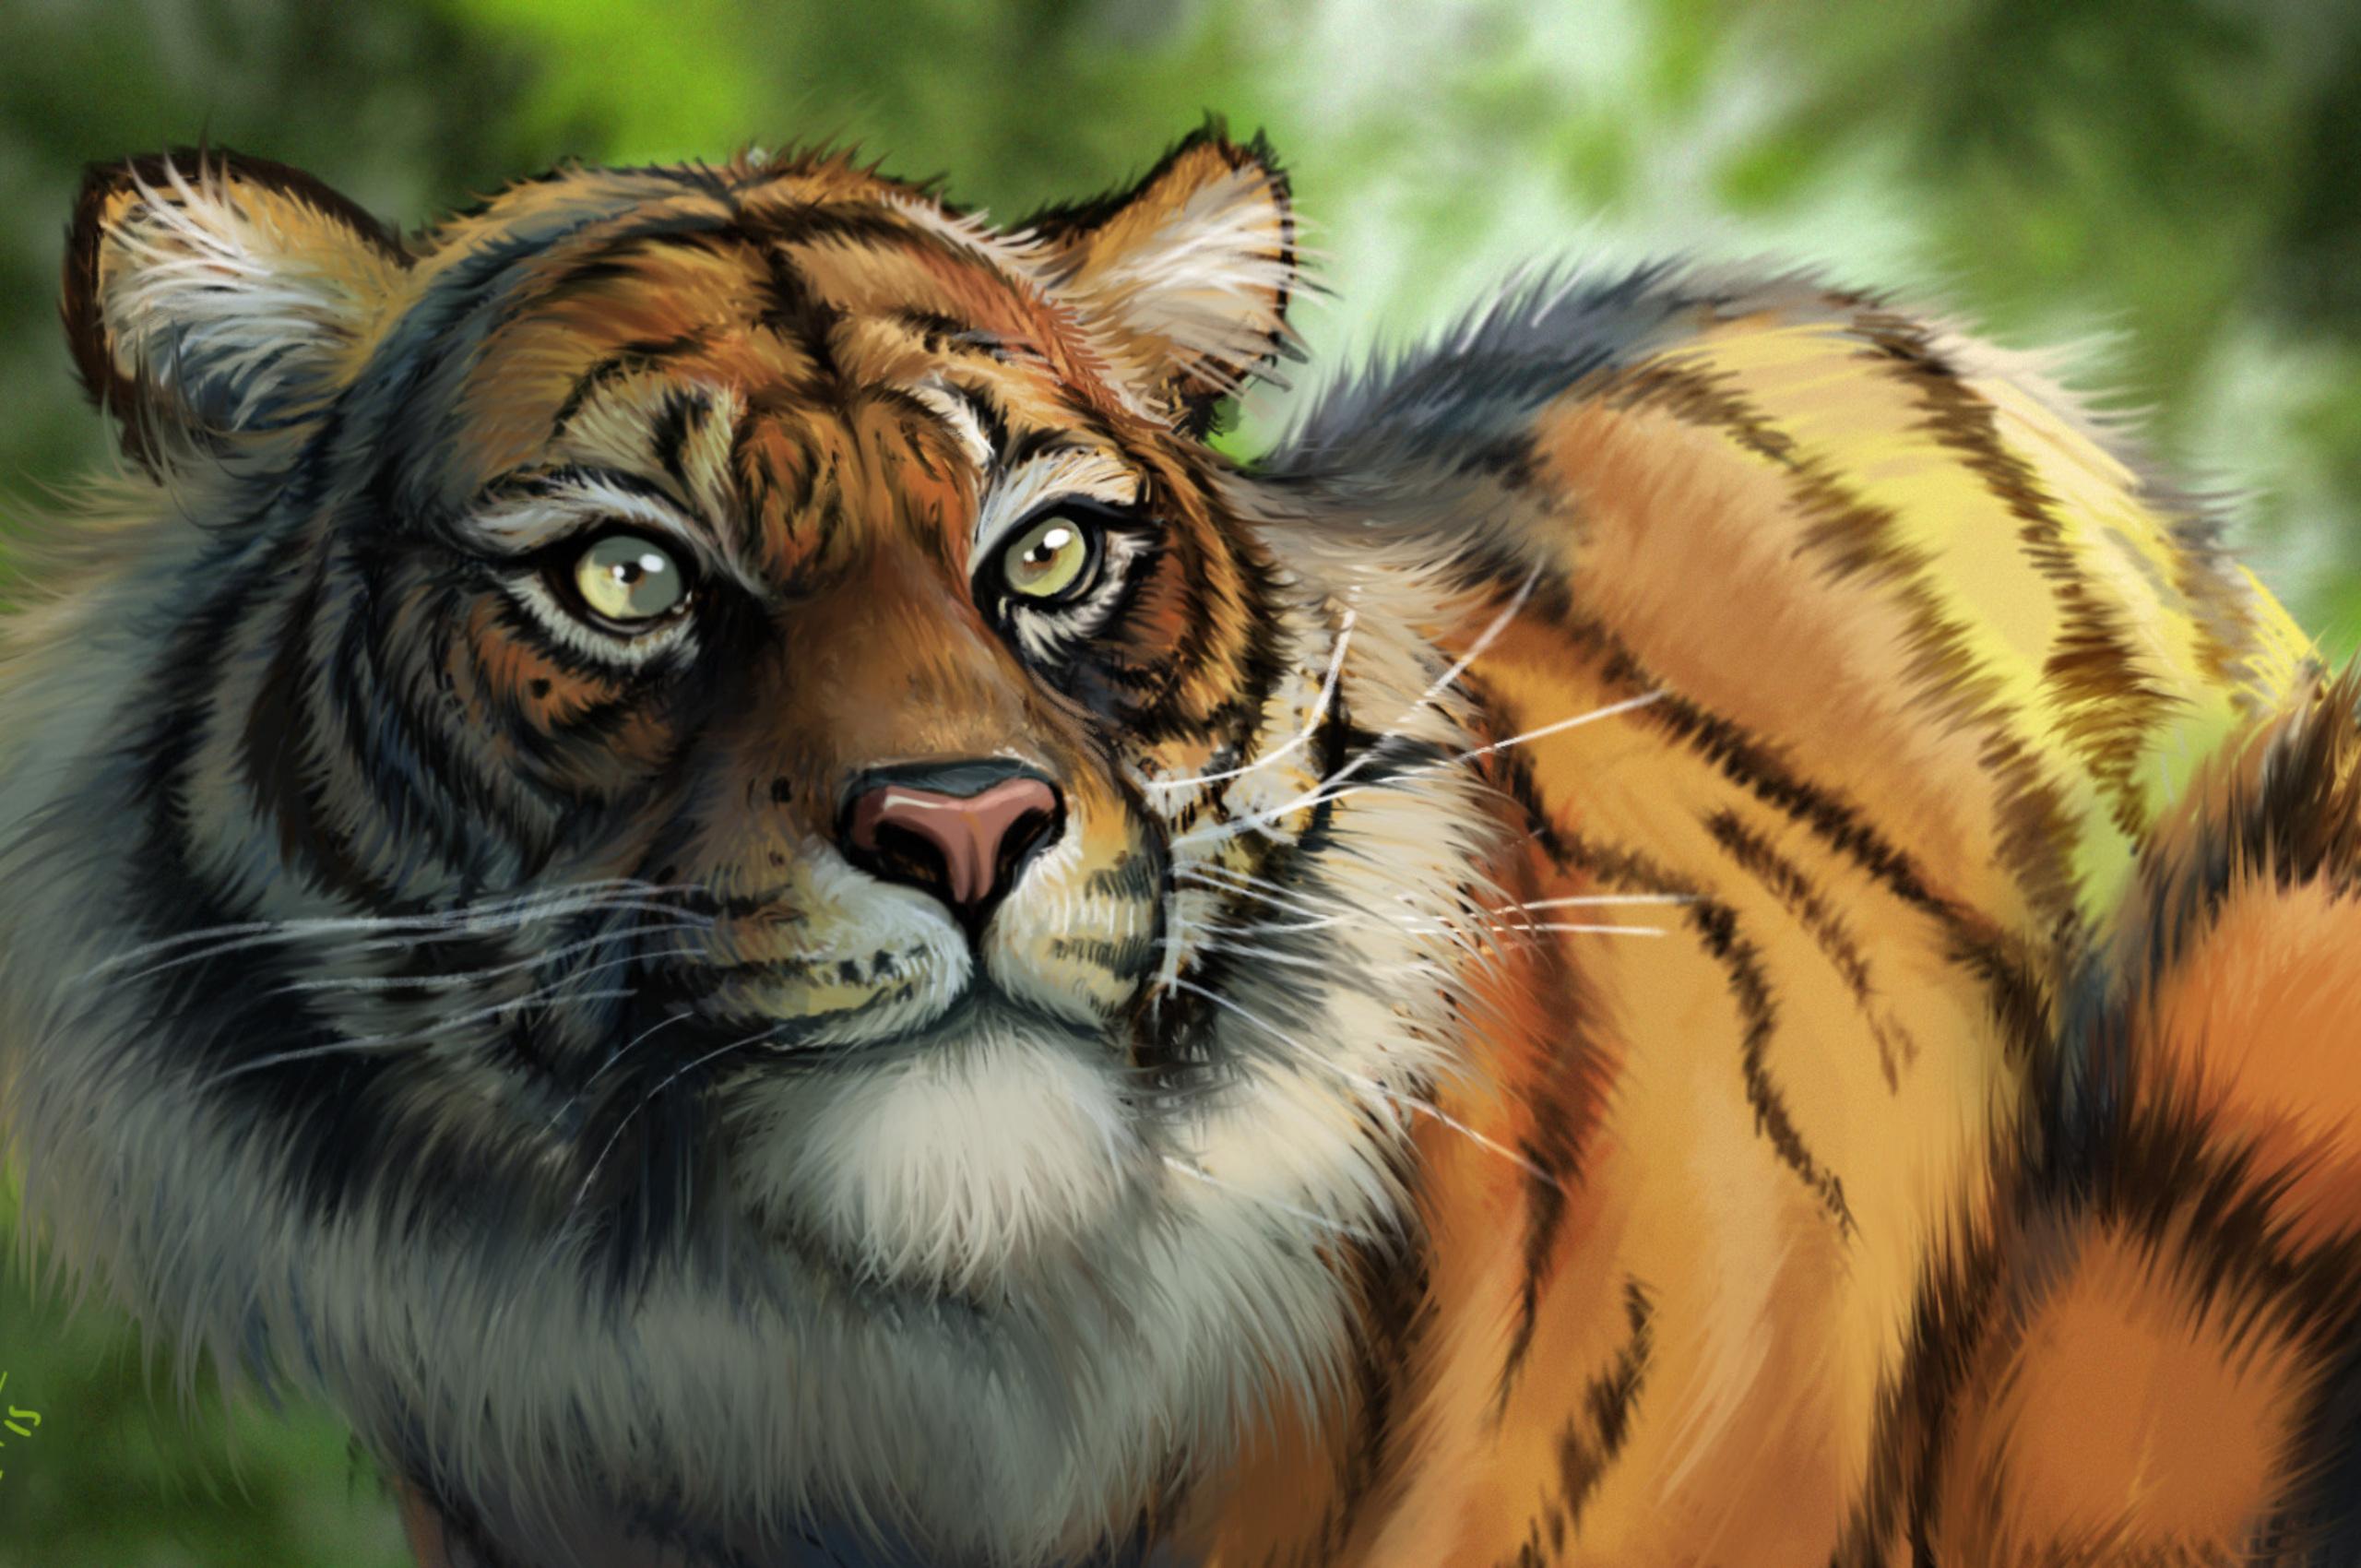 tiger-digital-artwork-zy.jpg